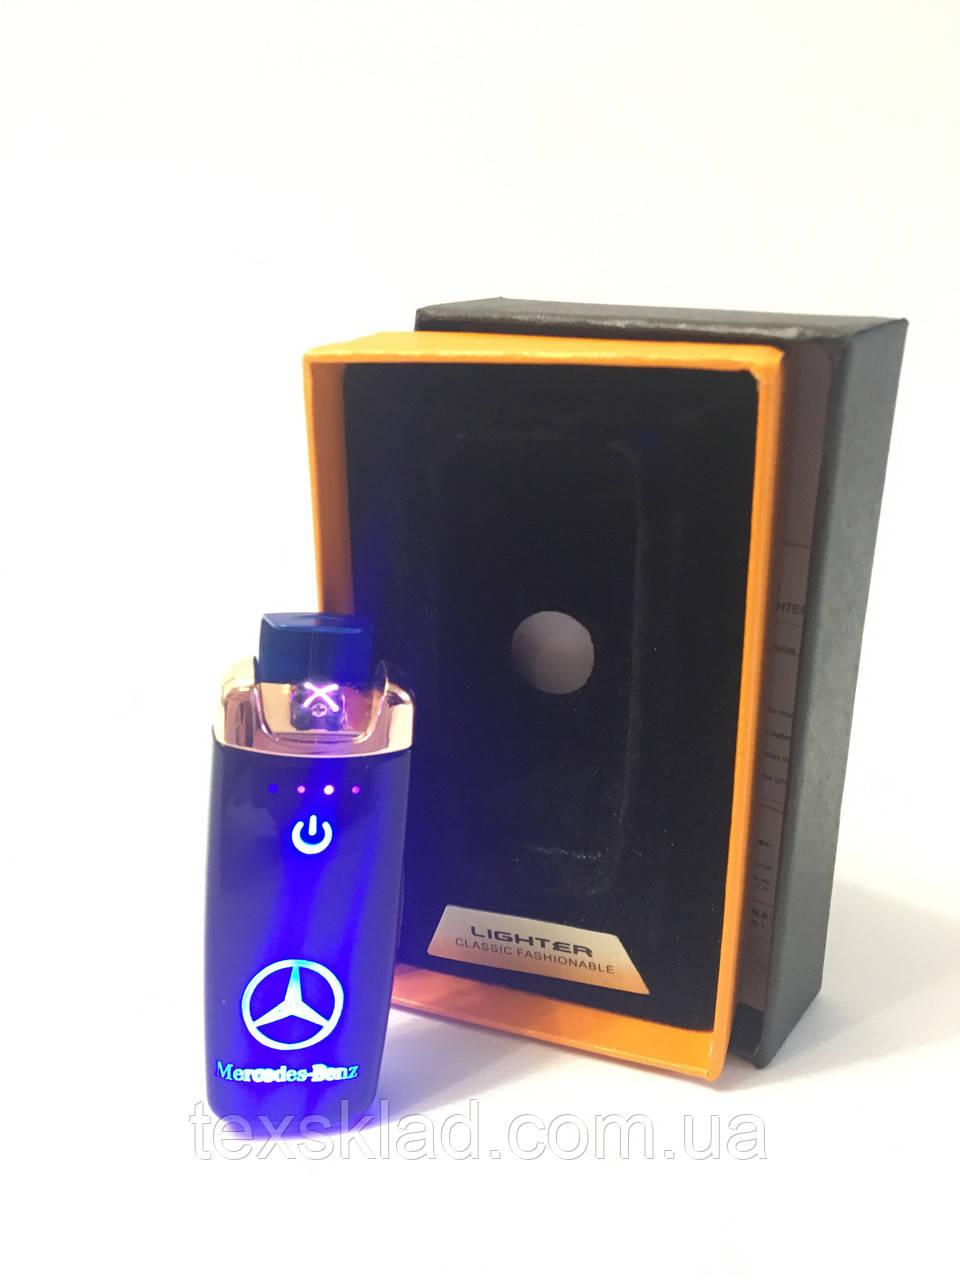 Электроимпульсная зажигалка Mercedes-Benz sensor USB / Разноцветная(5406)